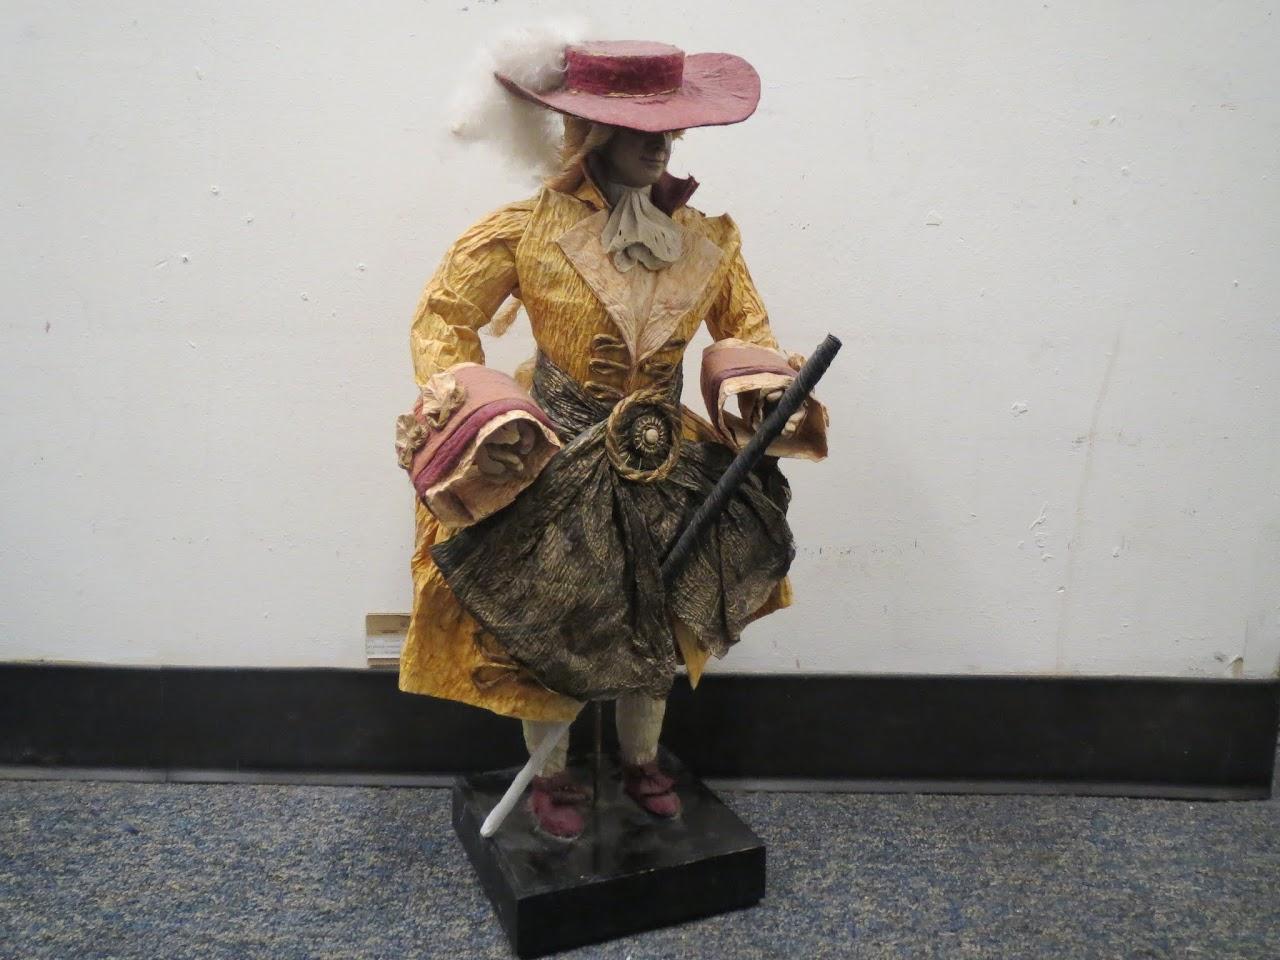 Painted Wood Dandy Figure